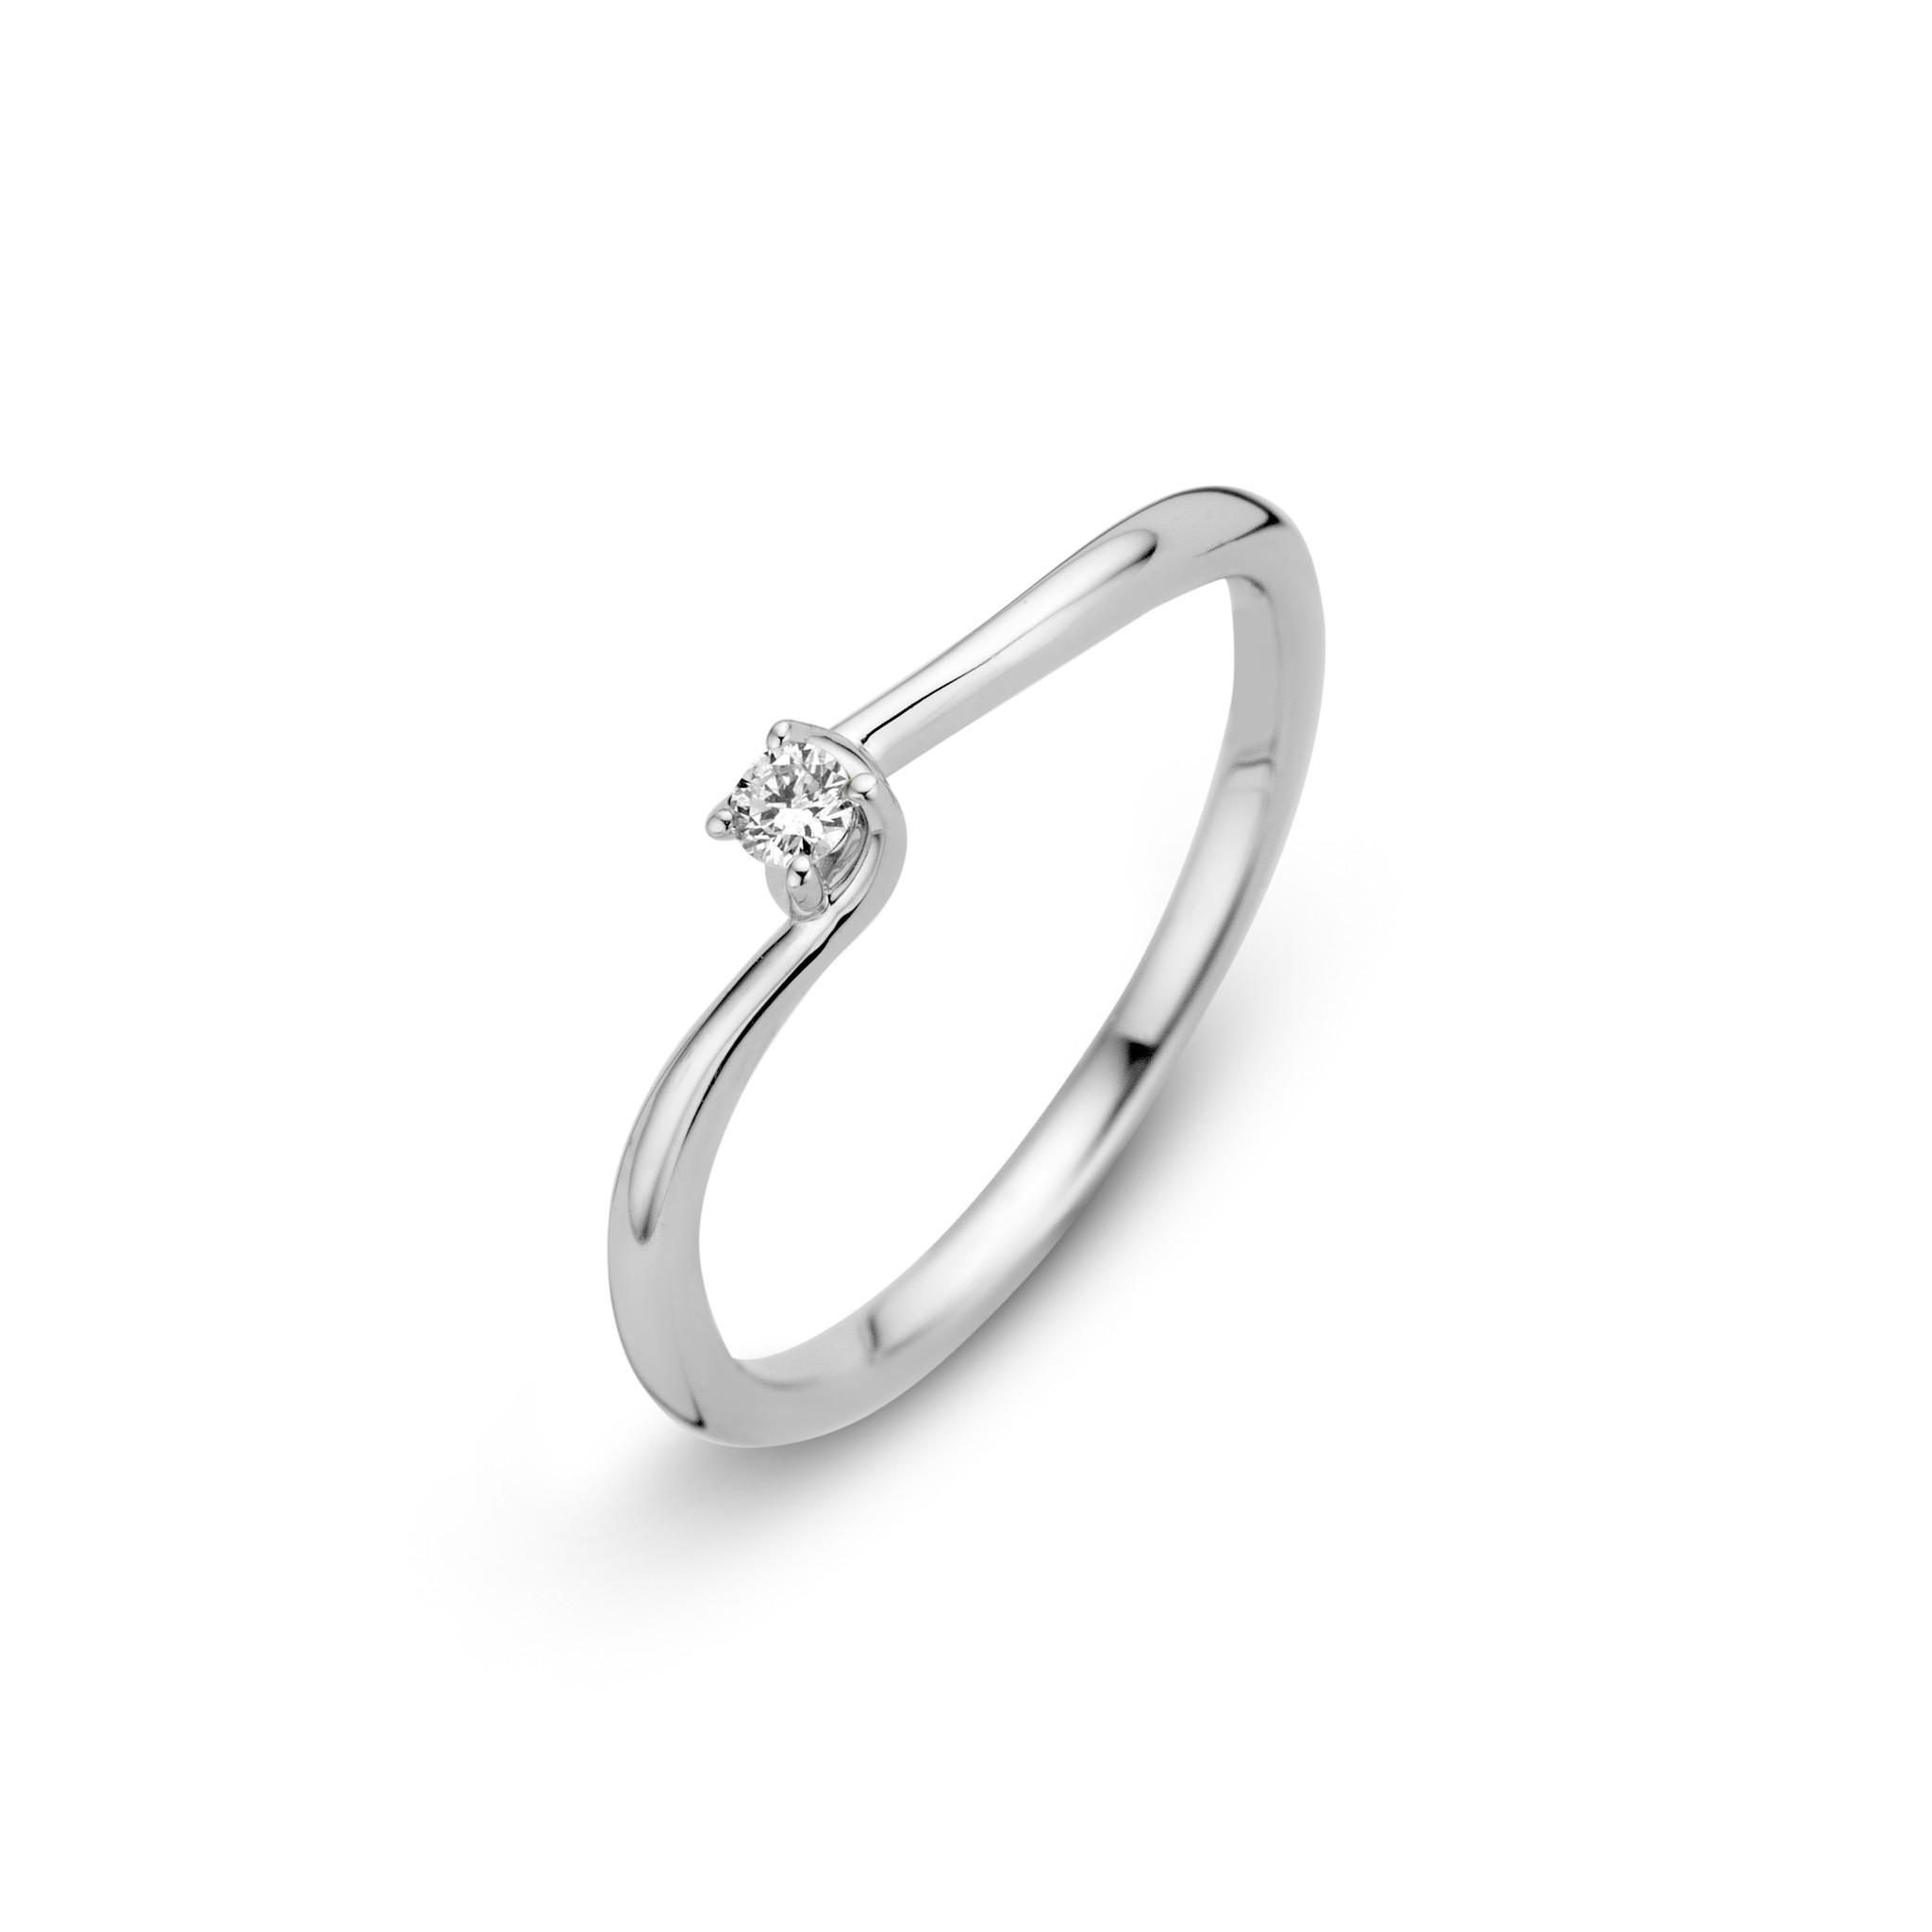 Private Label CvdK 14kt witgouden ring met briljant 0,05ct.